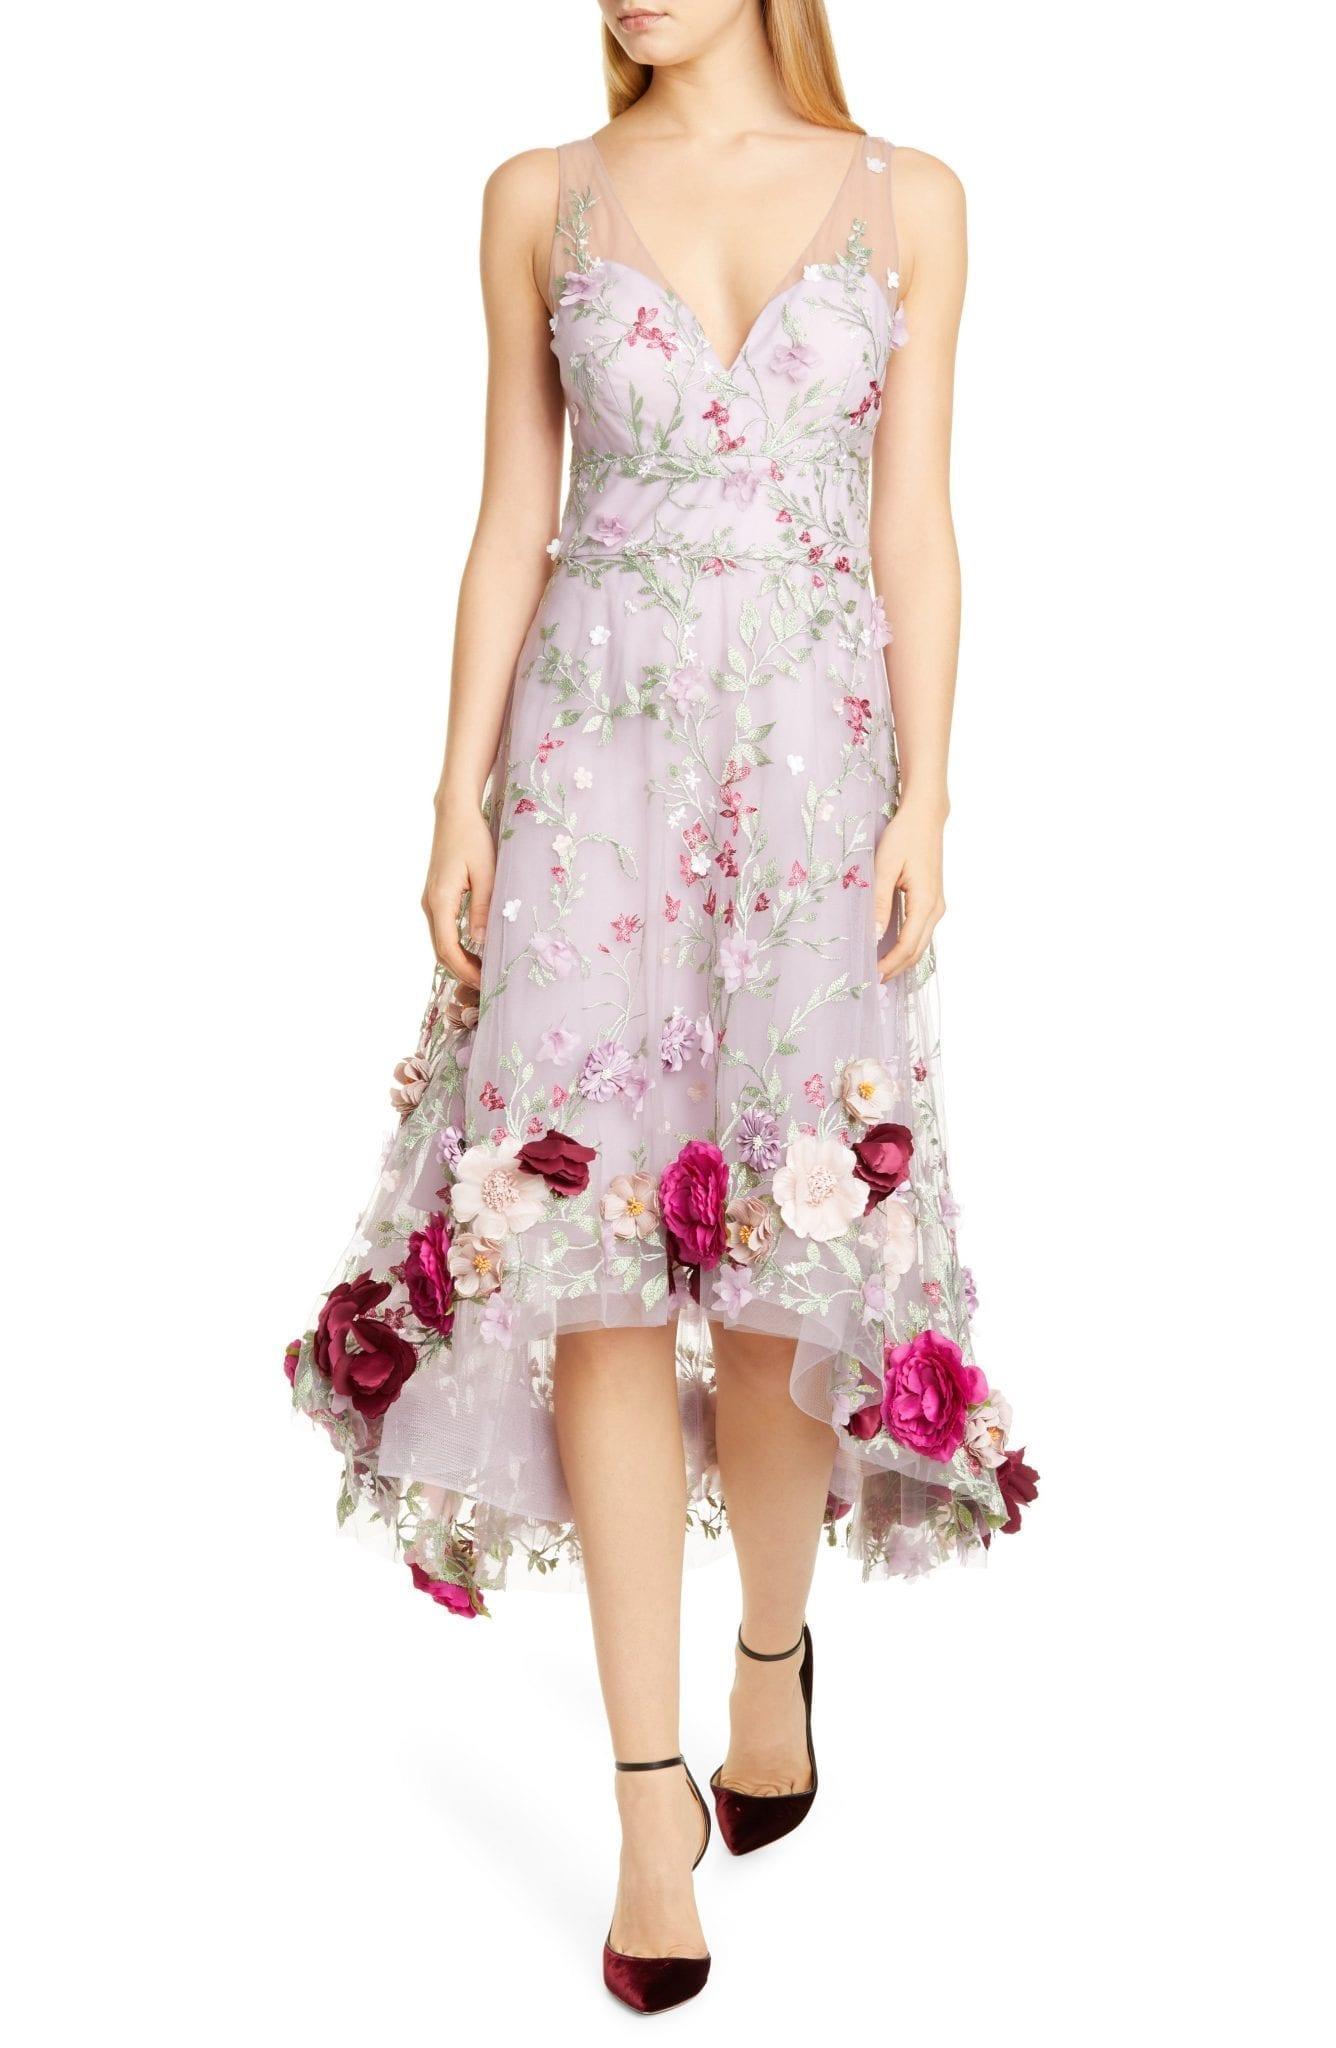 MARCHESA NOTTE Floral Appliqué High Low Cocktail Dress